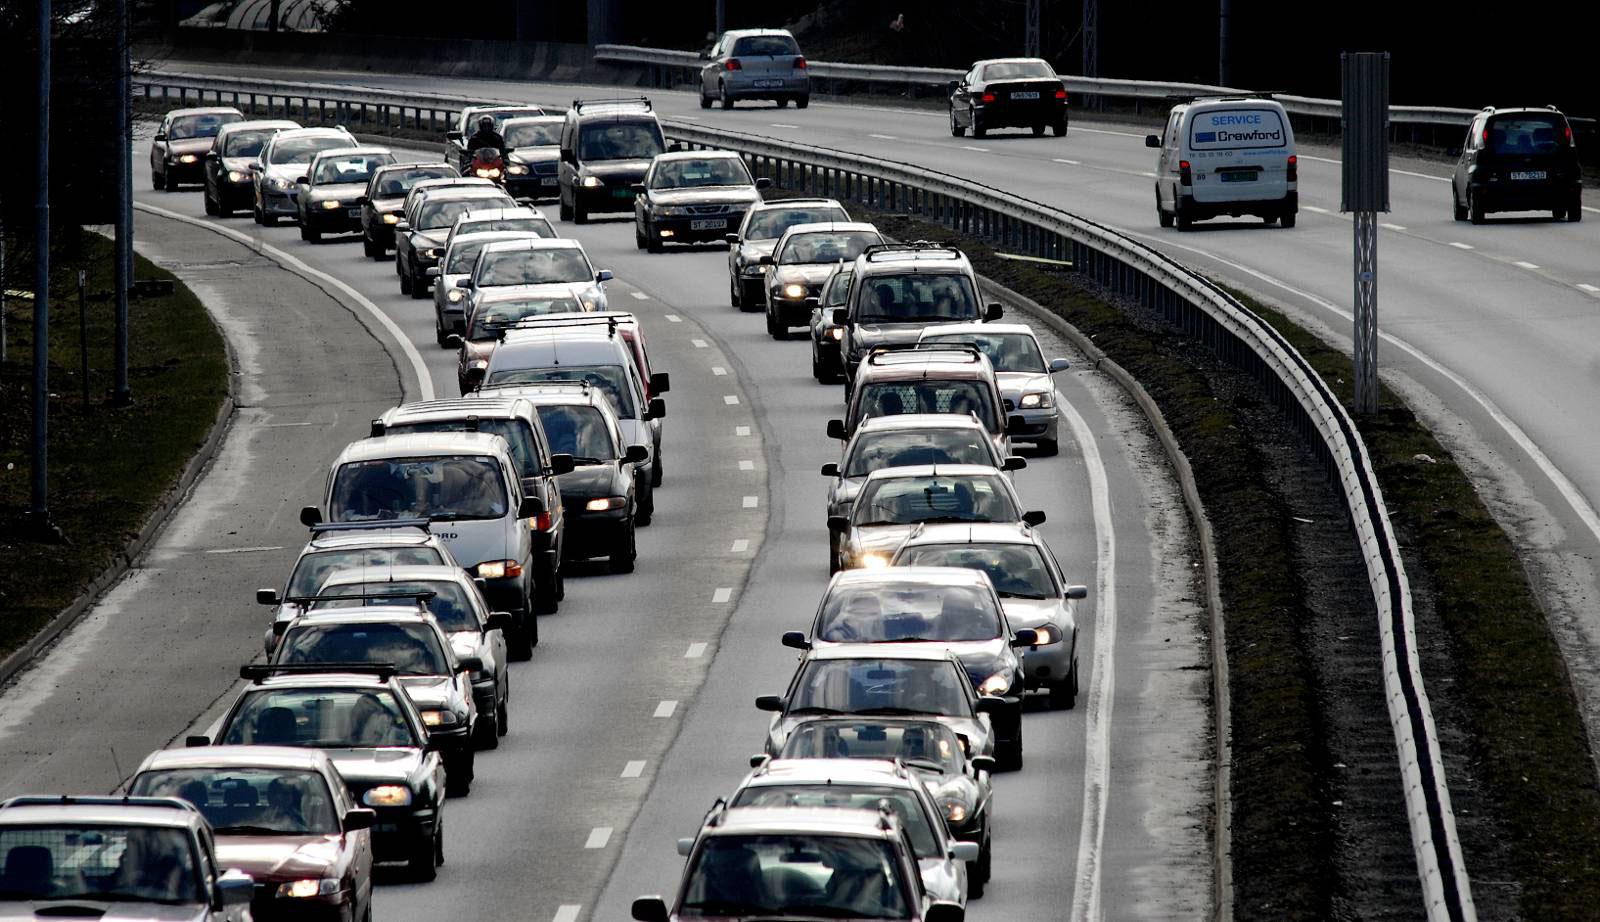 Trafikken direkte: Rv. 7 Eidfjordtunnelen stengt